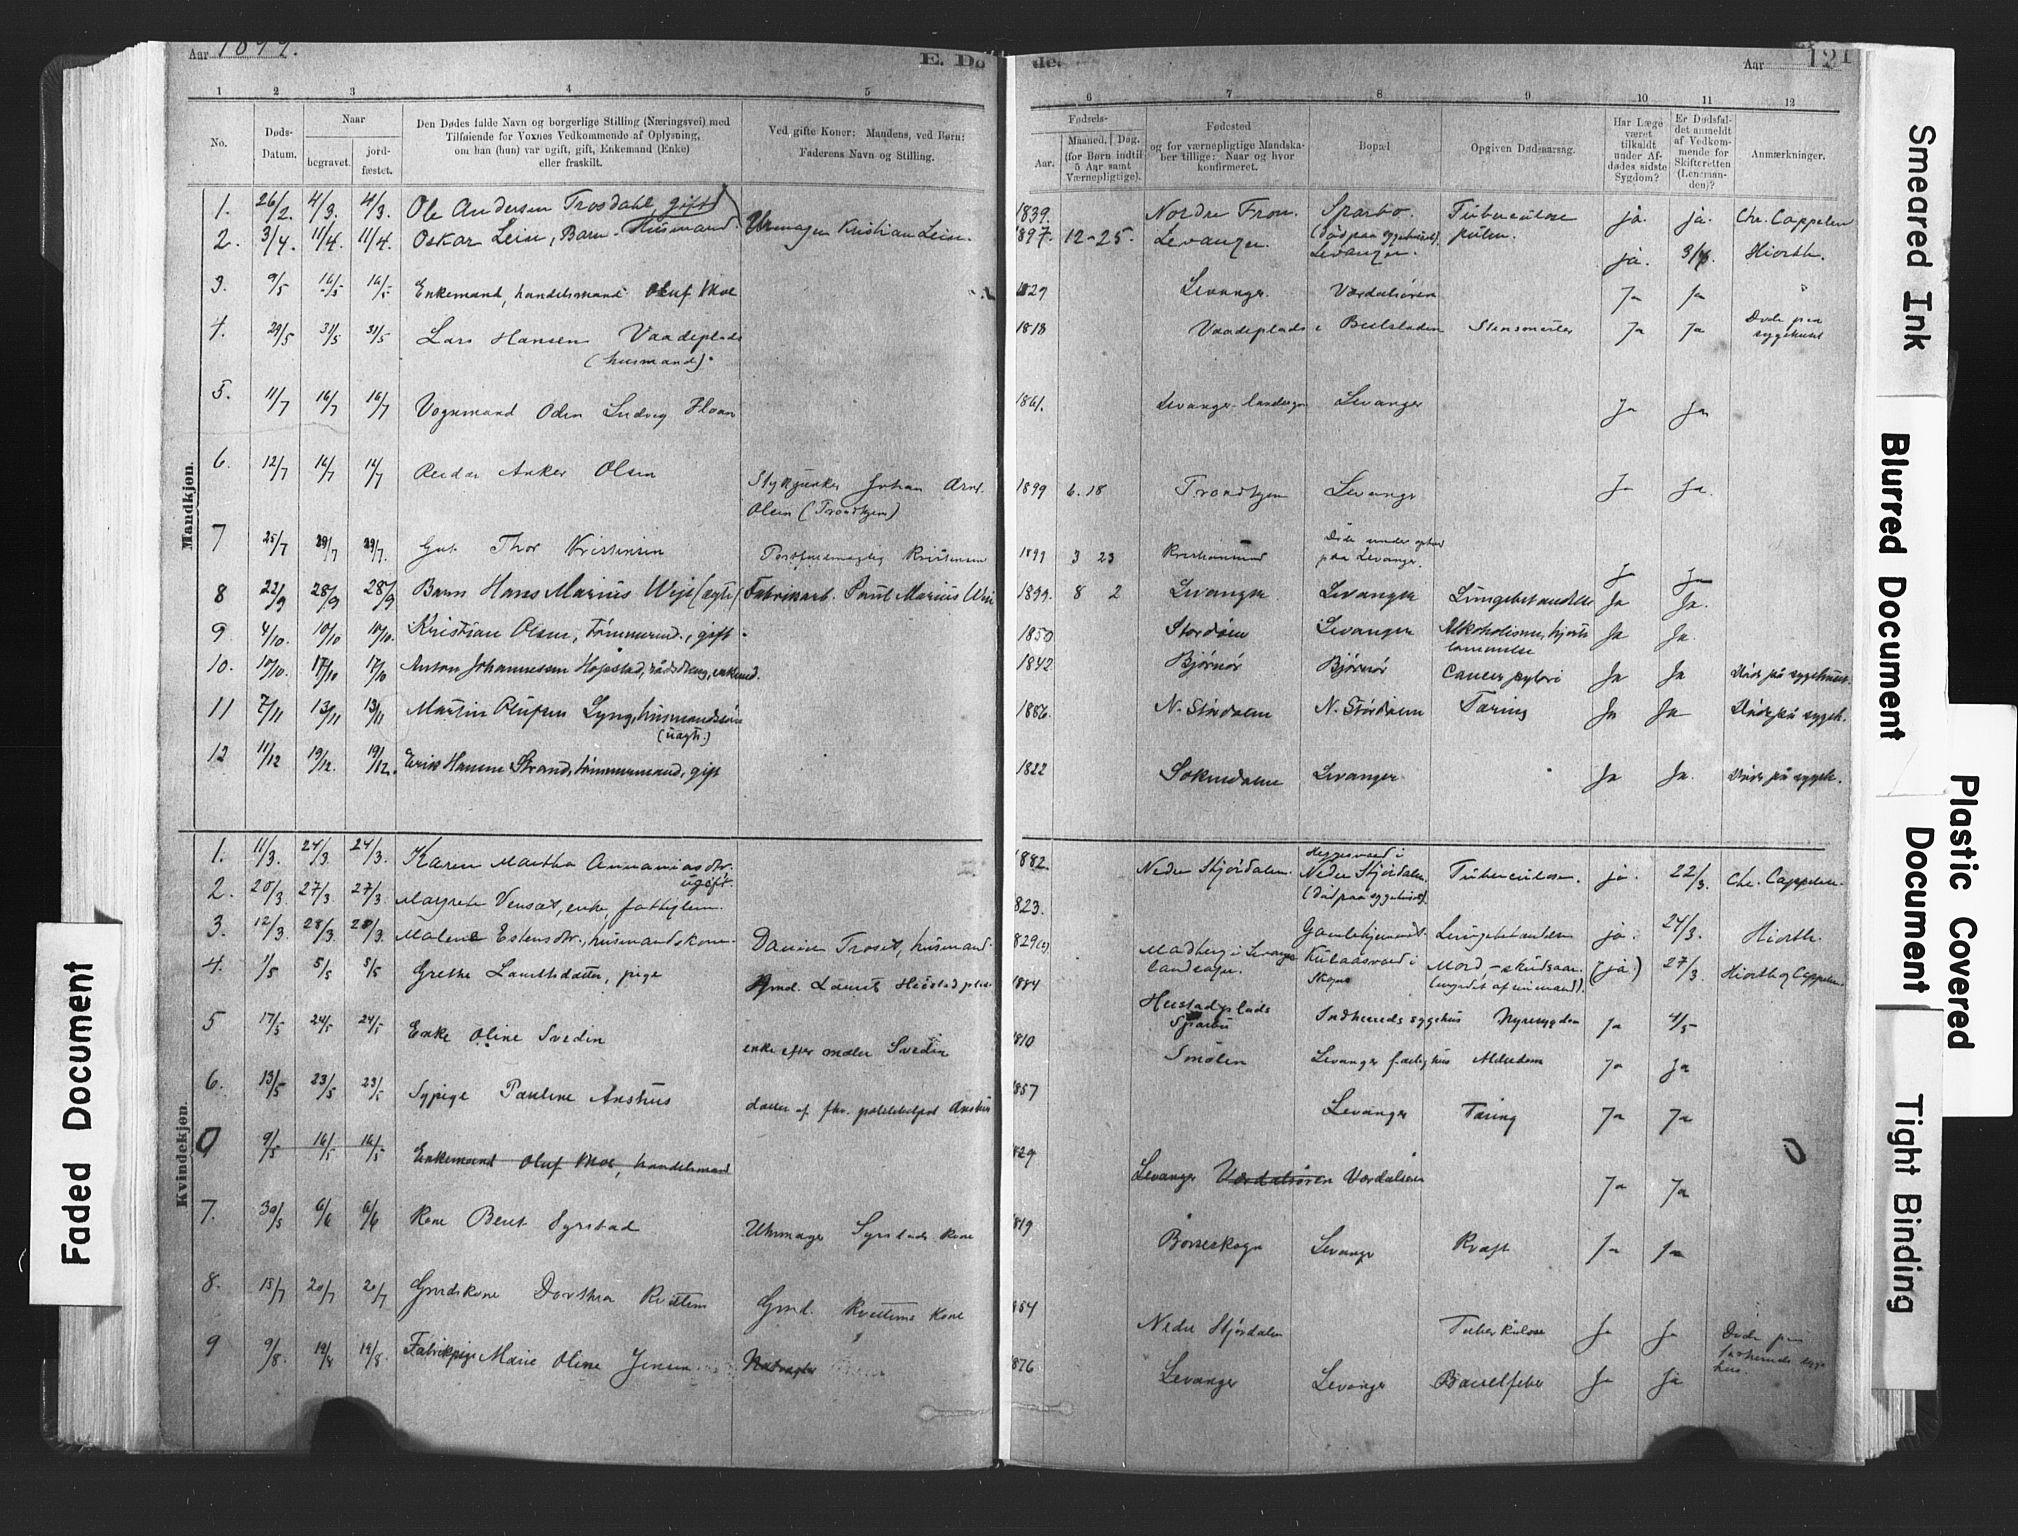 SAT, Ministerialprotokoller, klokkerbøker og fødselsregistre - Nord-Trøndelag, 720/L0189: Ministerialbok nr. 720A05, 1880-1911, s. 121